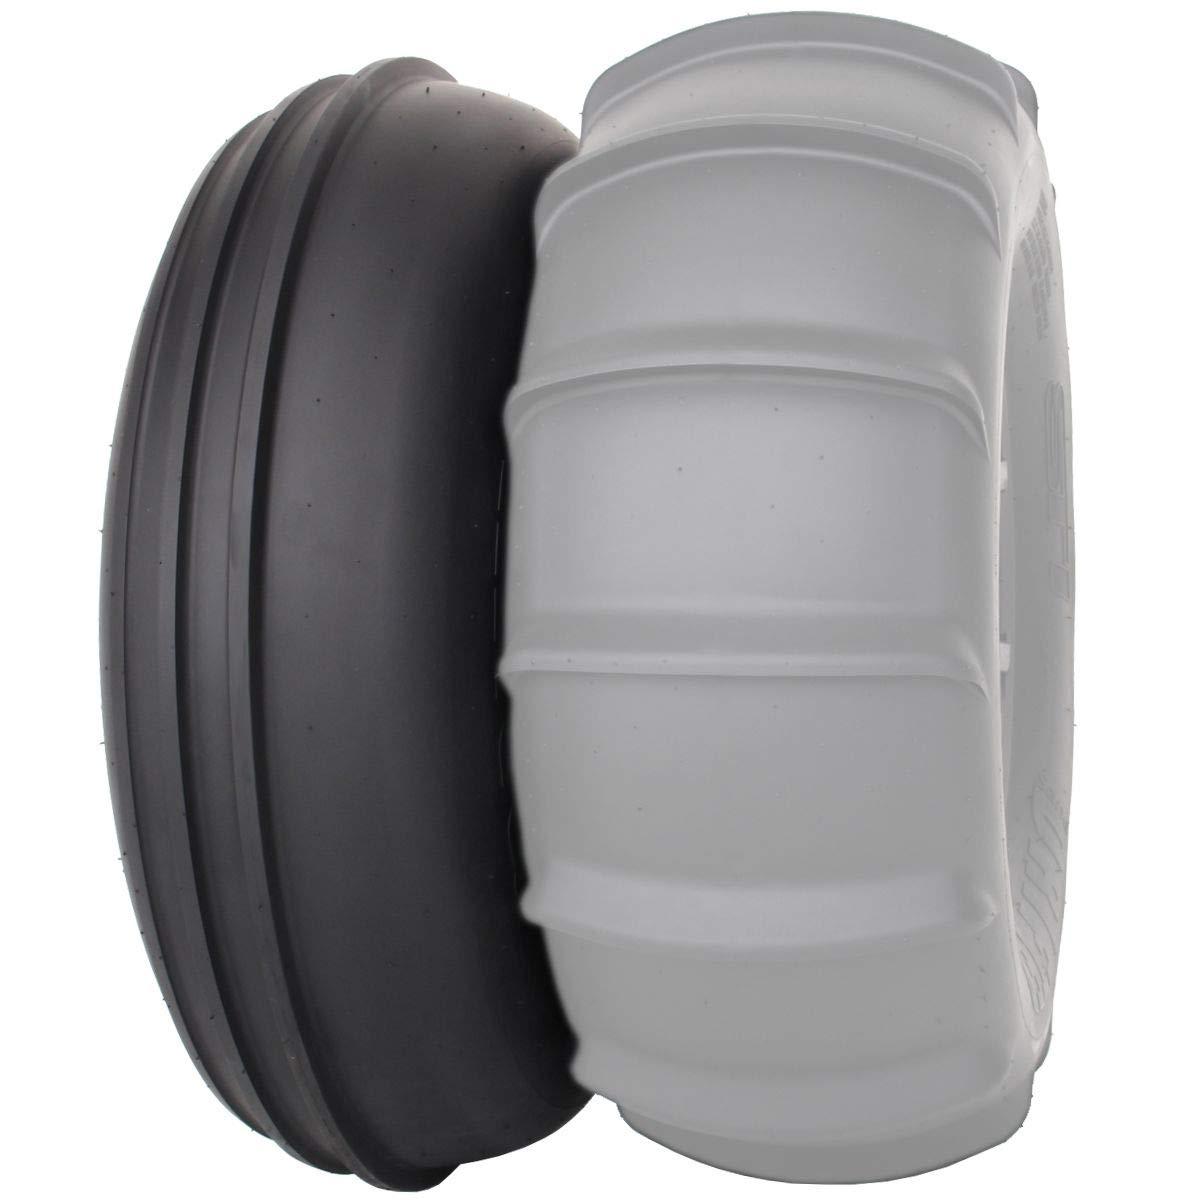 STI Sand Drifter Front Tire (28x10-14)